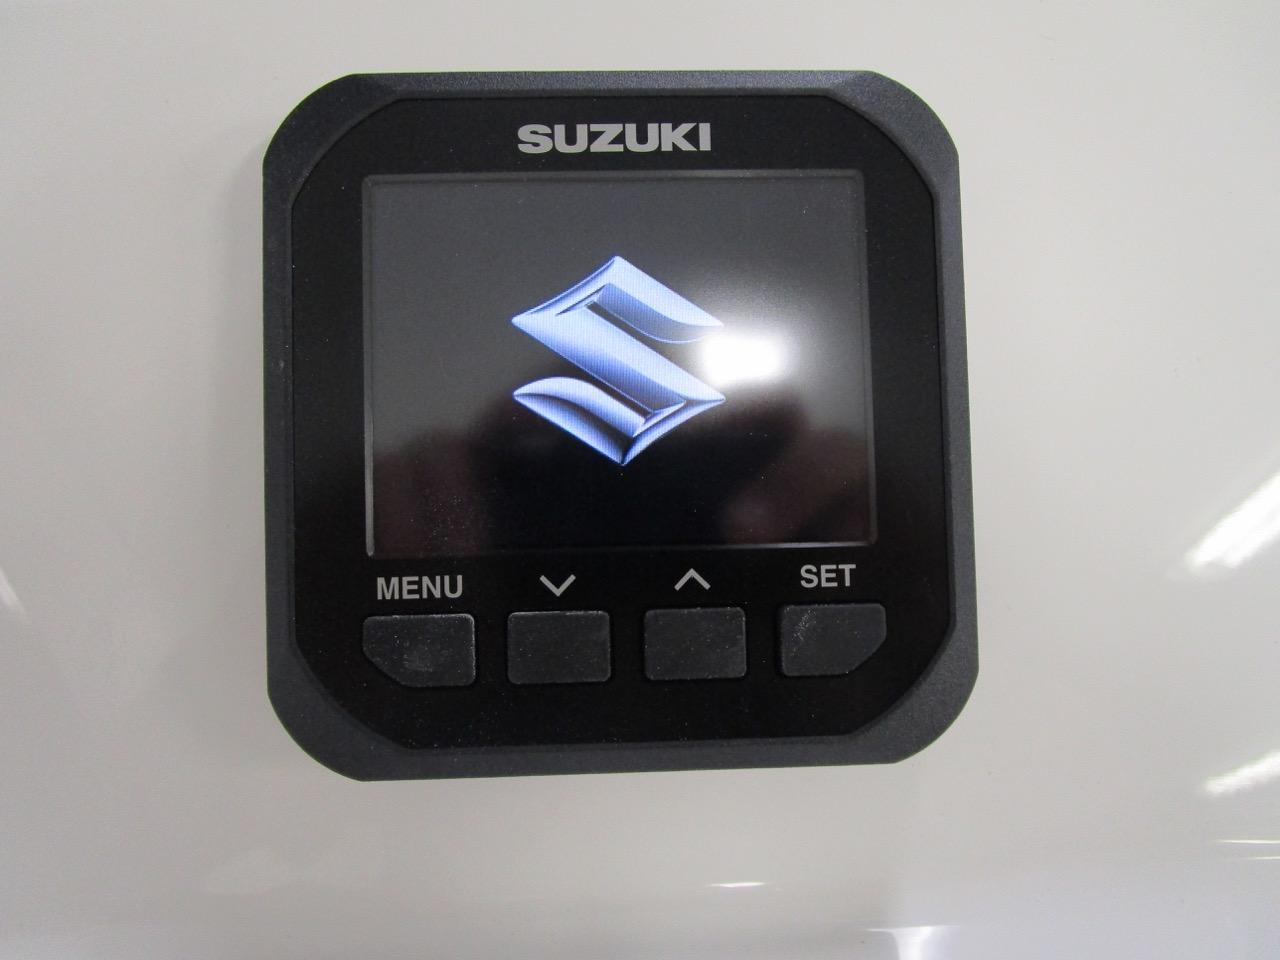 E780 - Suzuki multi-function guage